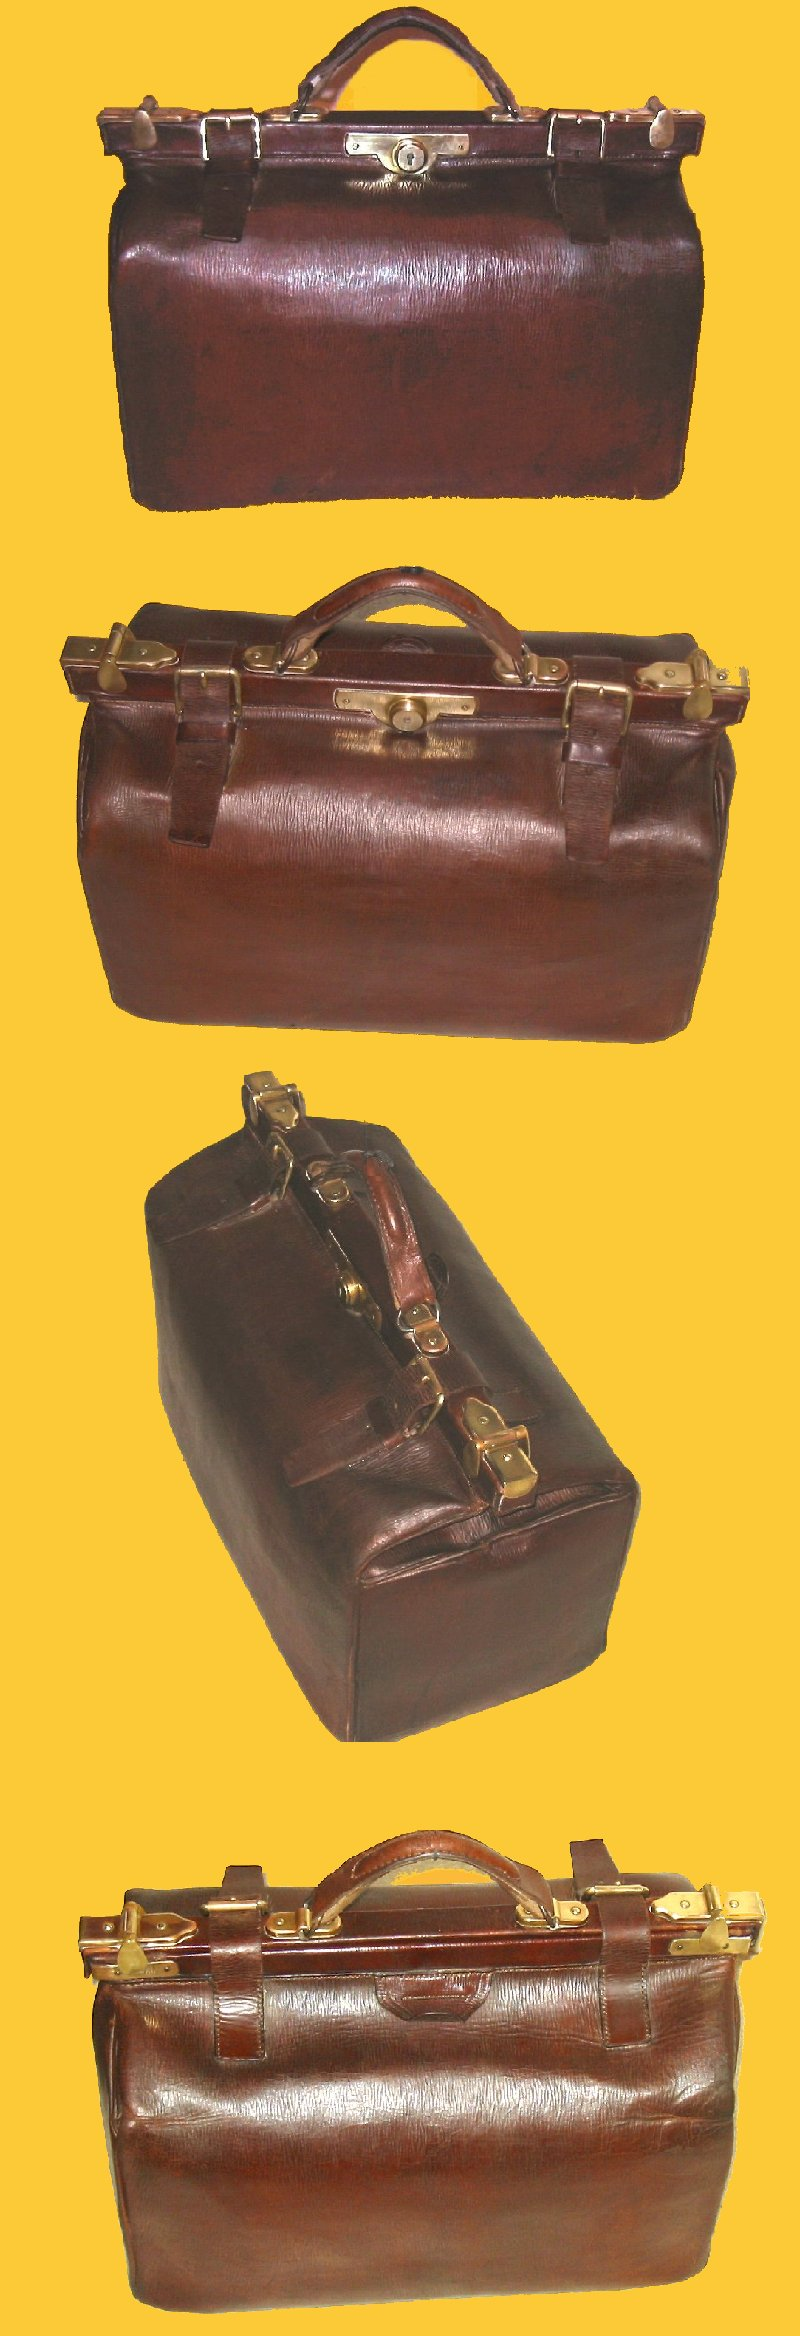 Grand sac de voyage ancien en cuir avec lani res c 1880 - Laniere en cuir ...